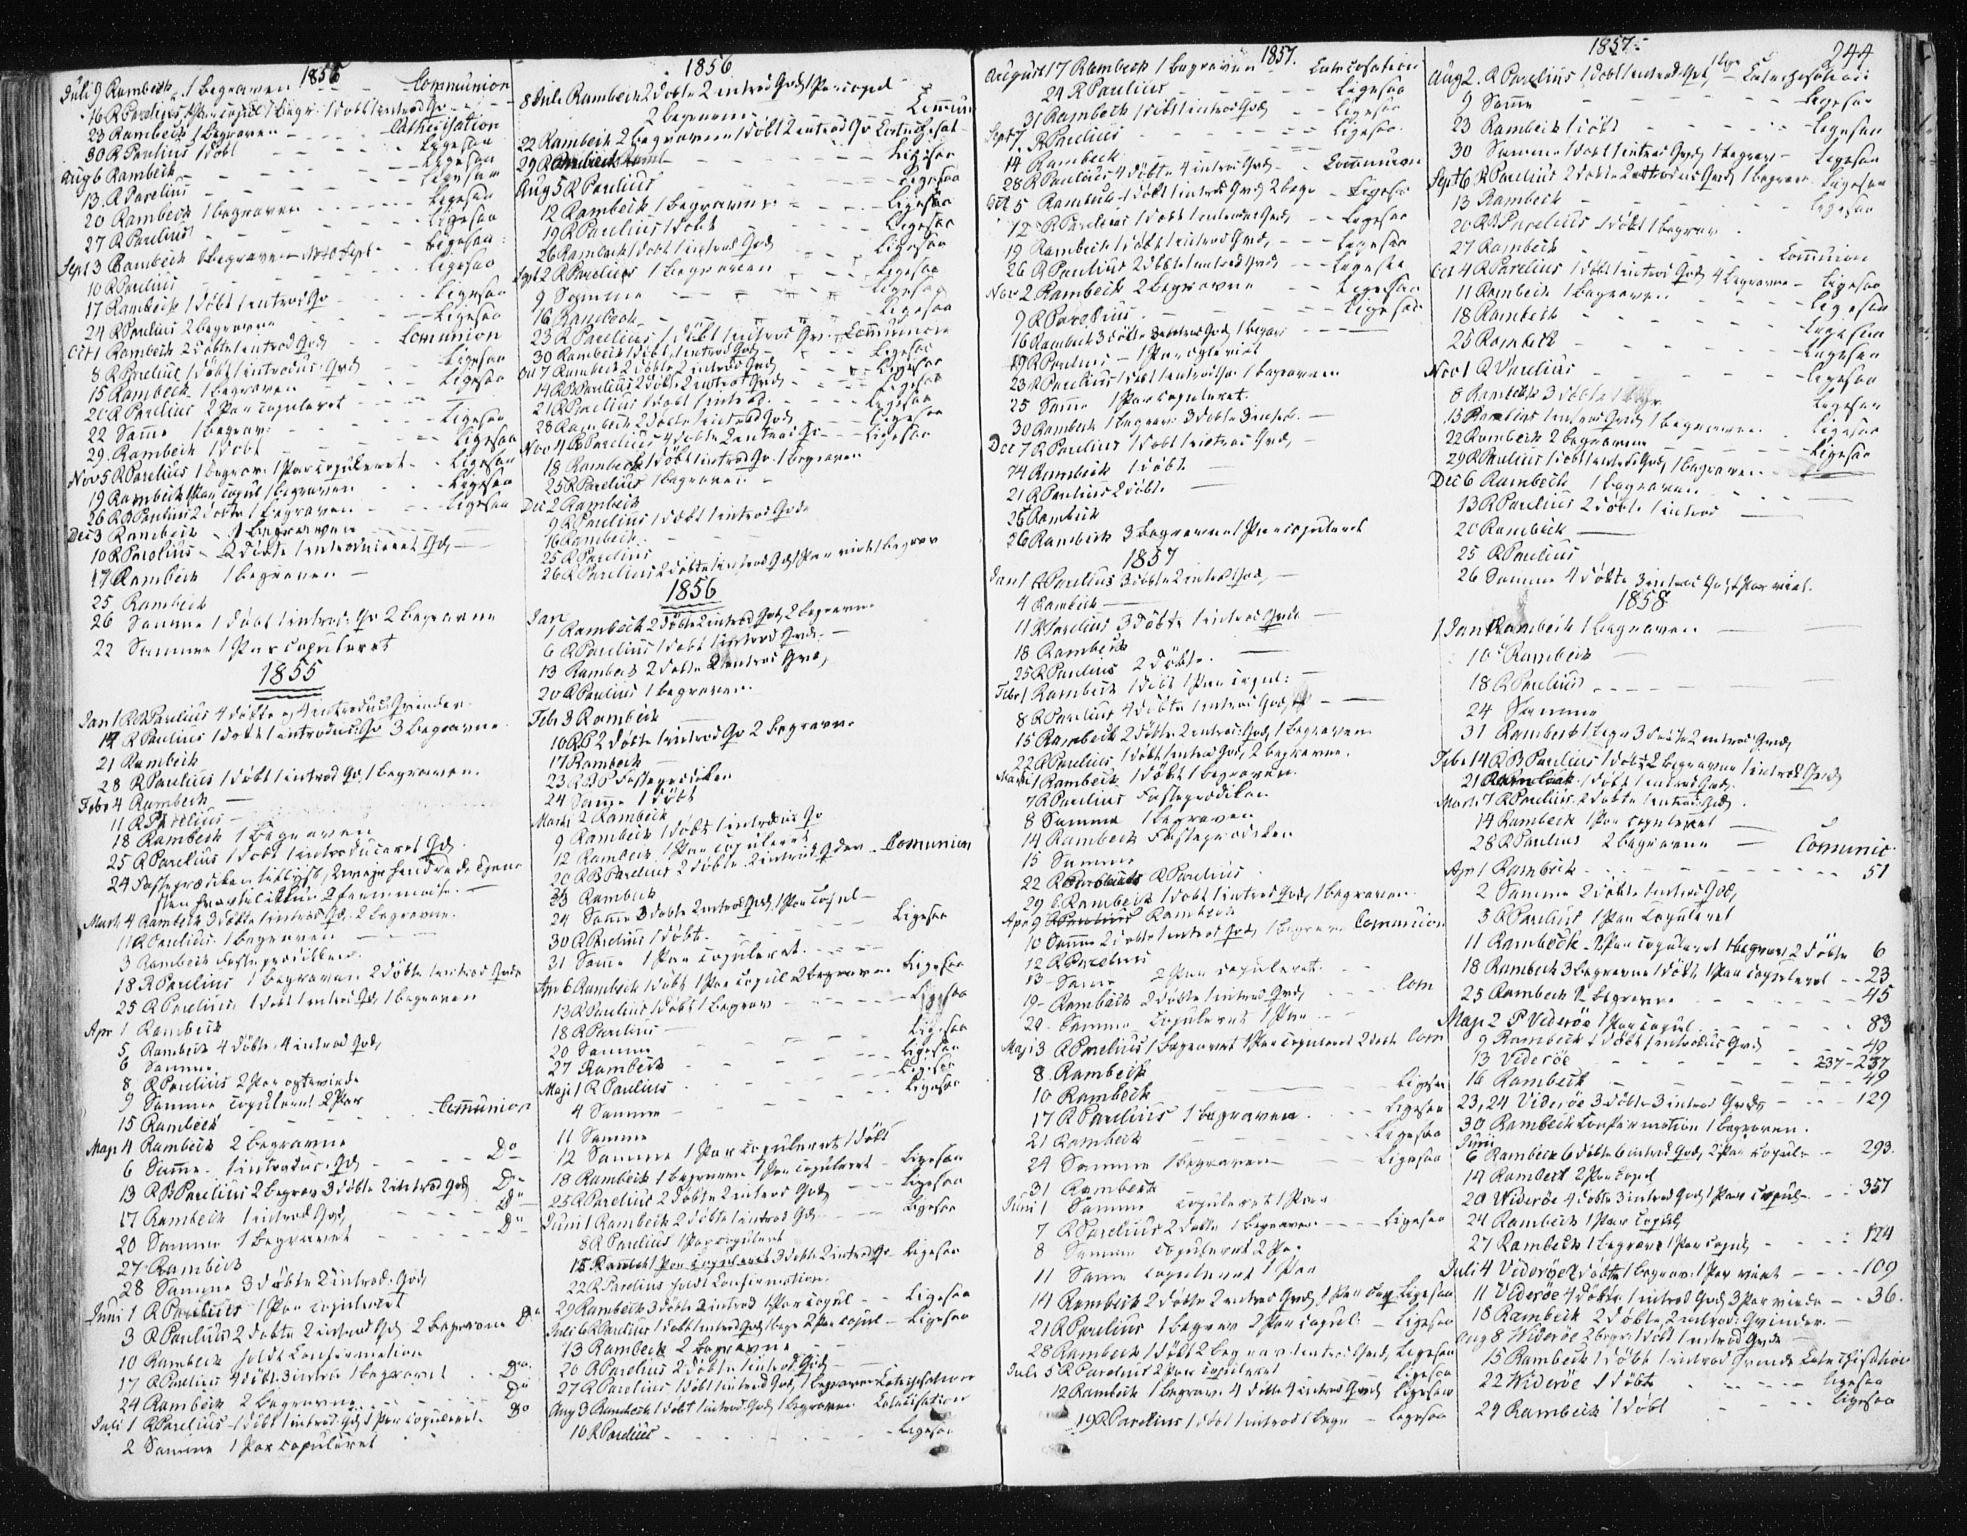 SAT, Ministerialprotokoller, klokkerbøker og fødselsregistre - Sør-Trøndelag, 674/L0869: Ministerialbok nr. 674A01, 1829-1860, s. 244